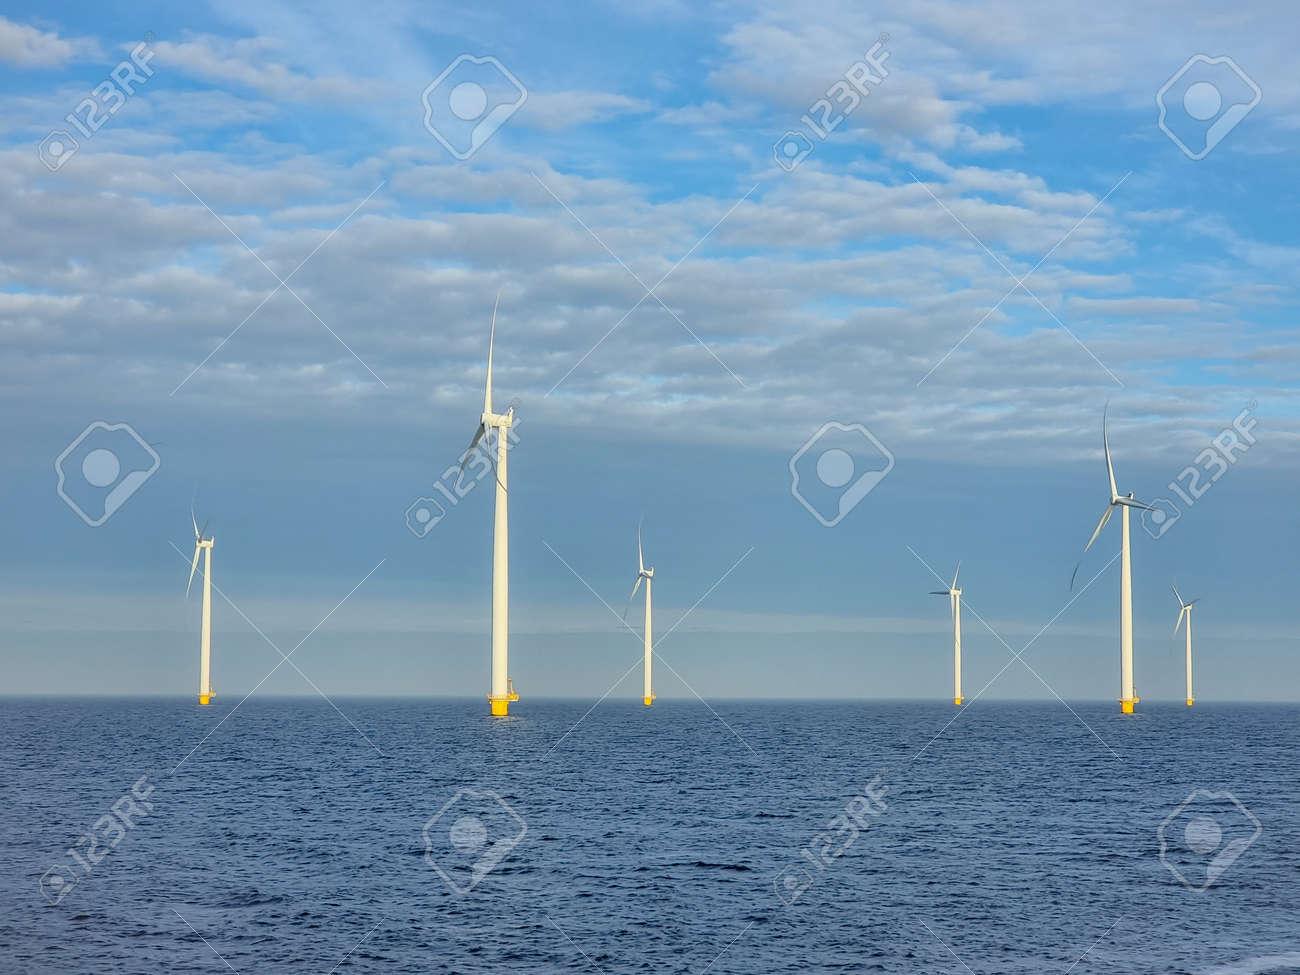 Windmill village indrustial wind mill by the lake Ijsselmeer Nehterlands. renewable energy green energy - 167511458